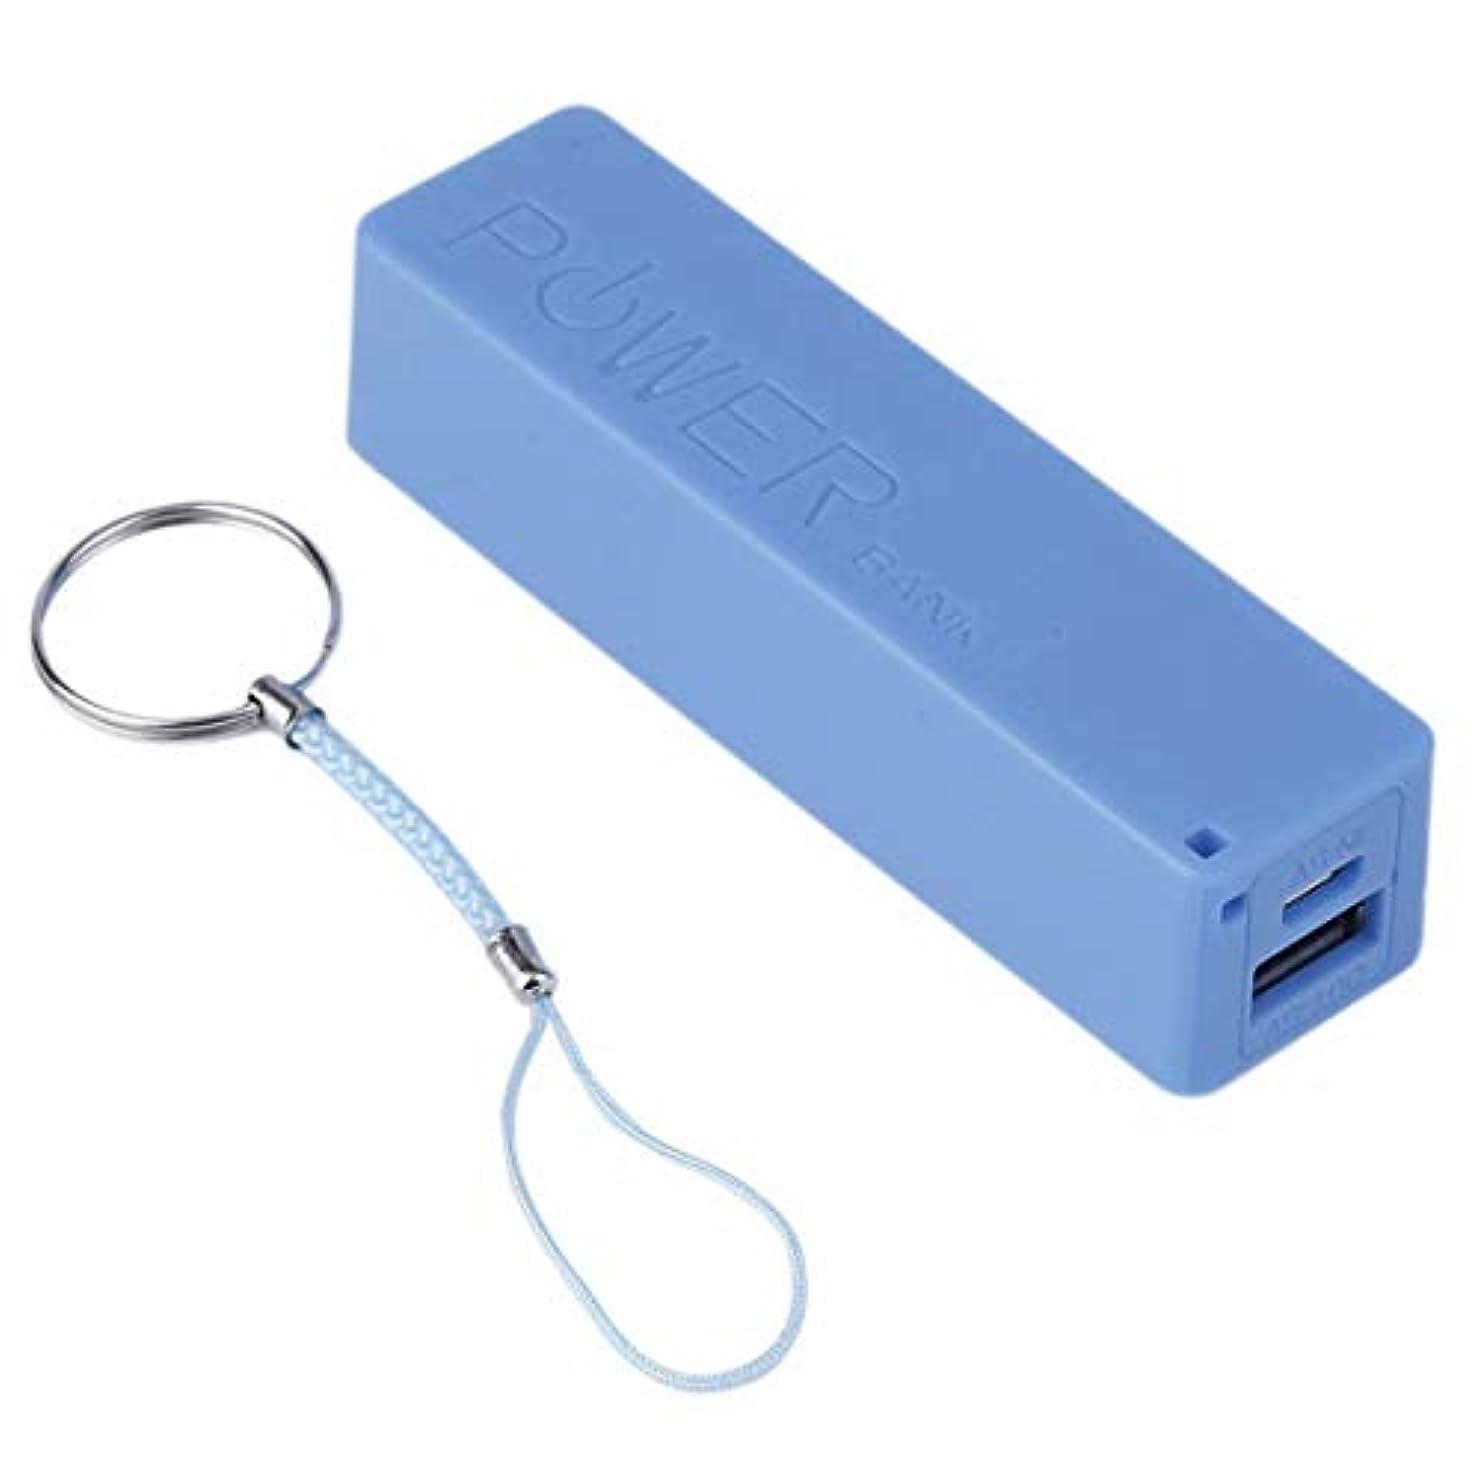 焦がす傾斜悪意のあるTivollyff 力銀行箱2600MAHの携帯用サイズ1 * 18650電池の外的な力銀行箱